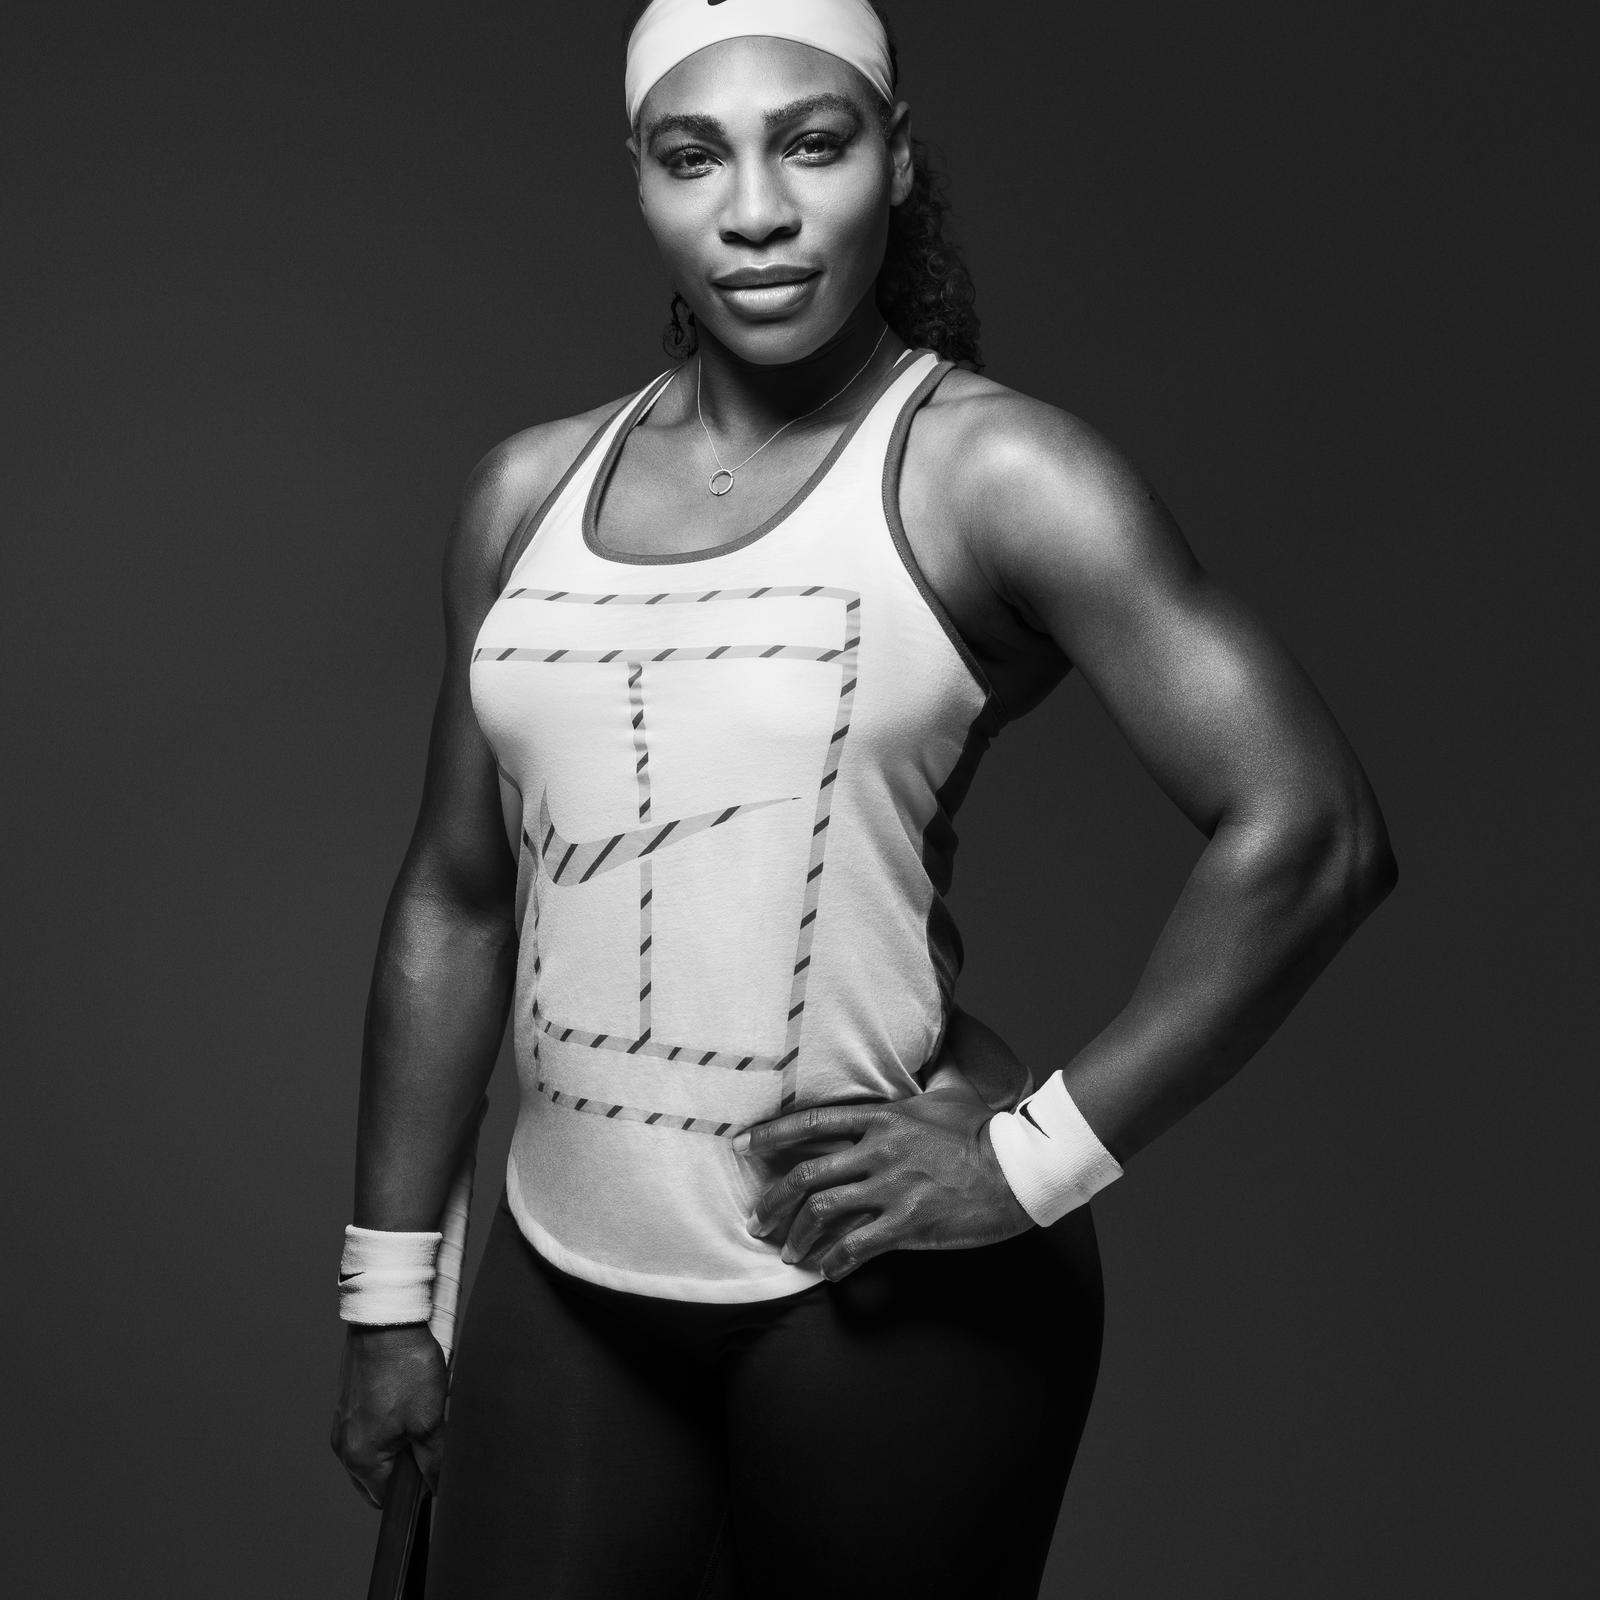 Nike_ZoomSquad_Serena_Williams_square_1600